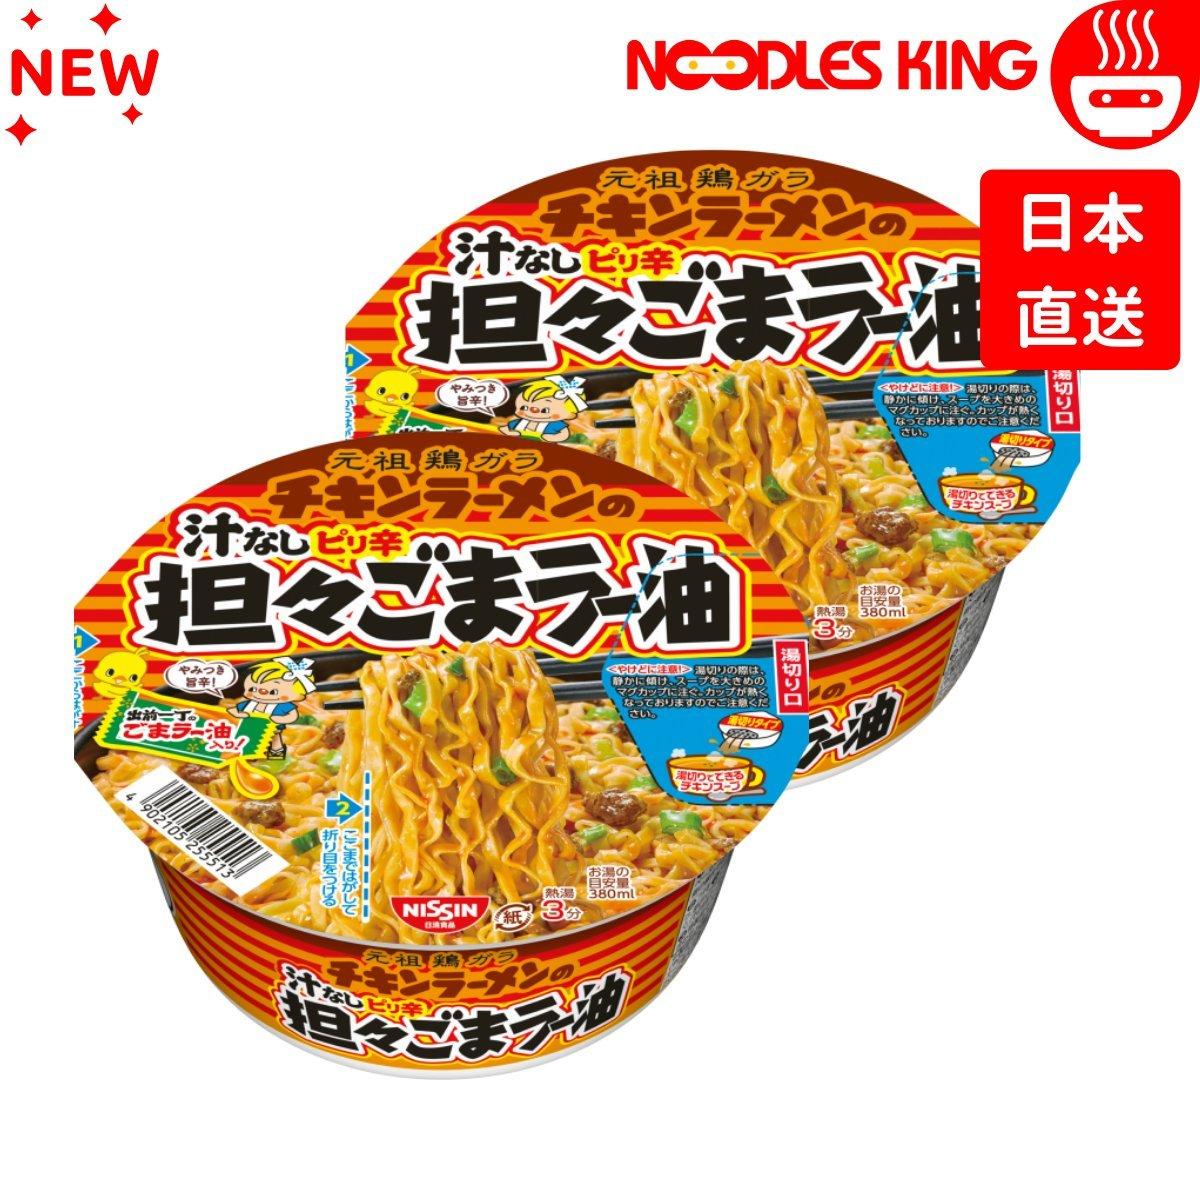 日本元祖雞汁拌麵 - 麻辣擔擔麻油風味 100g x 2